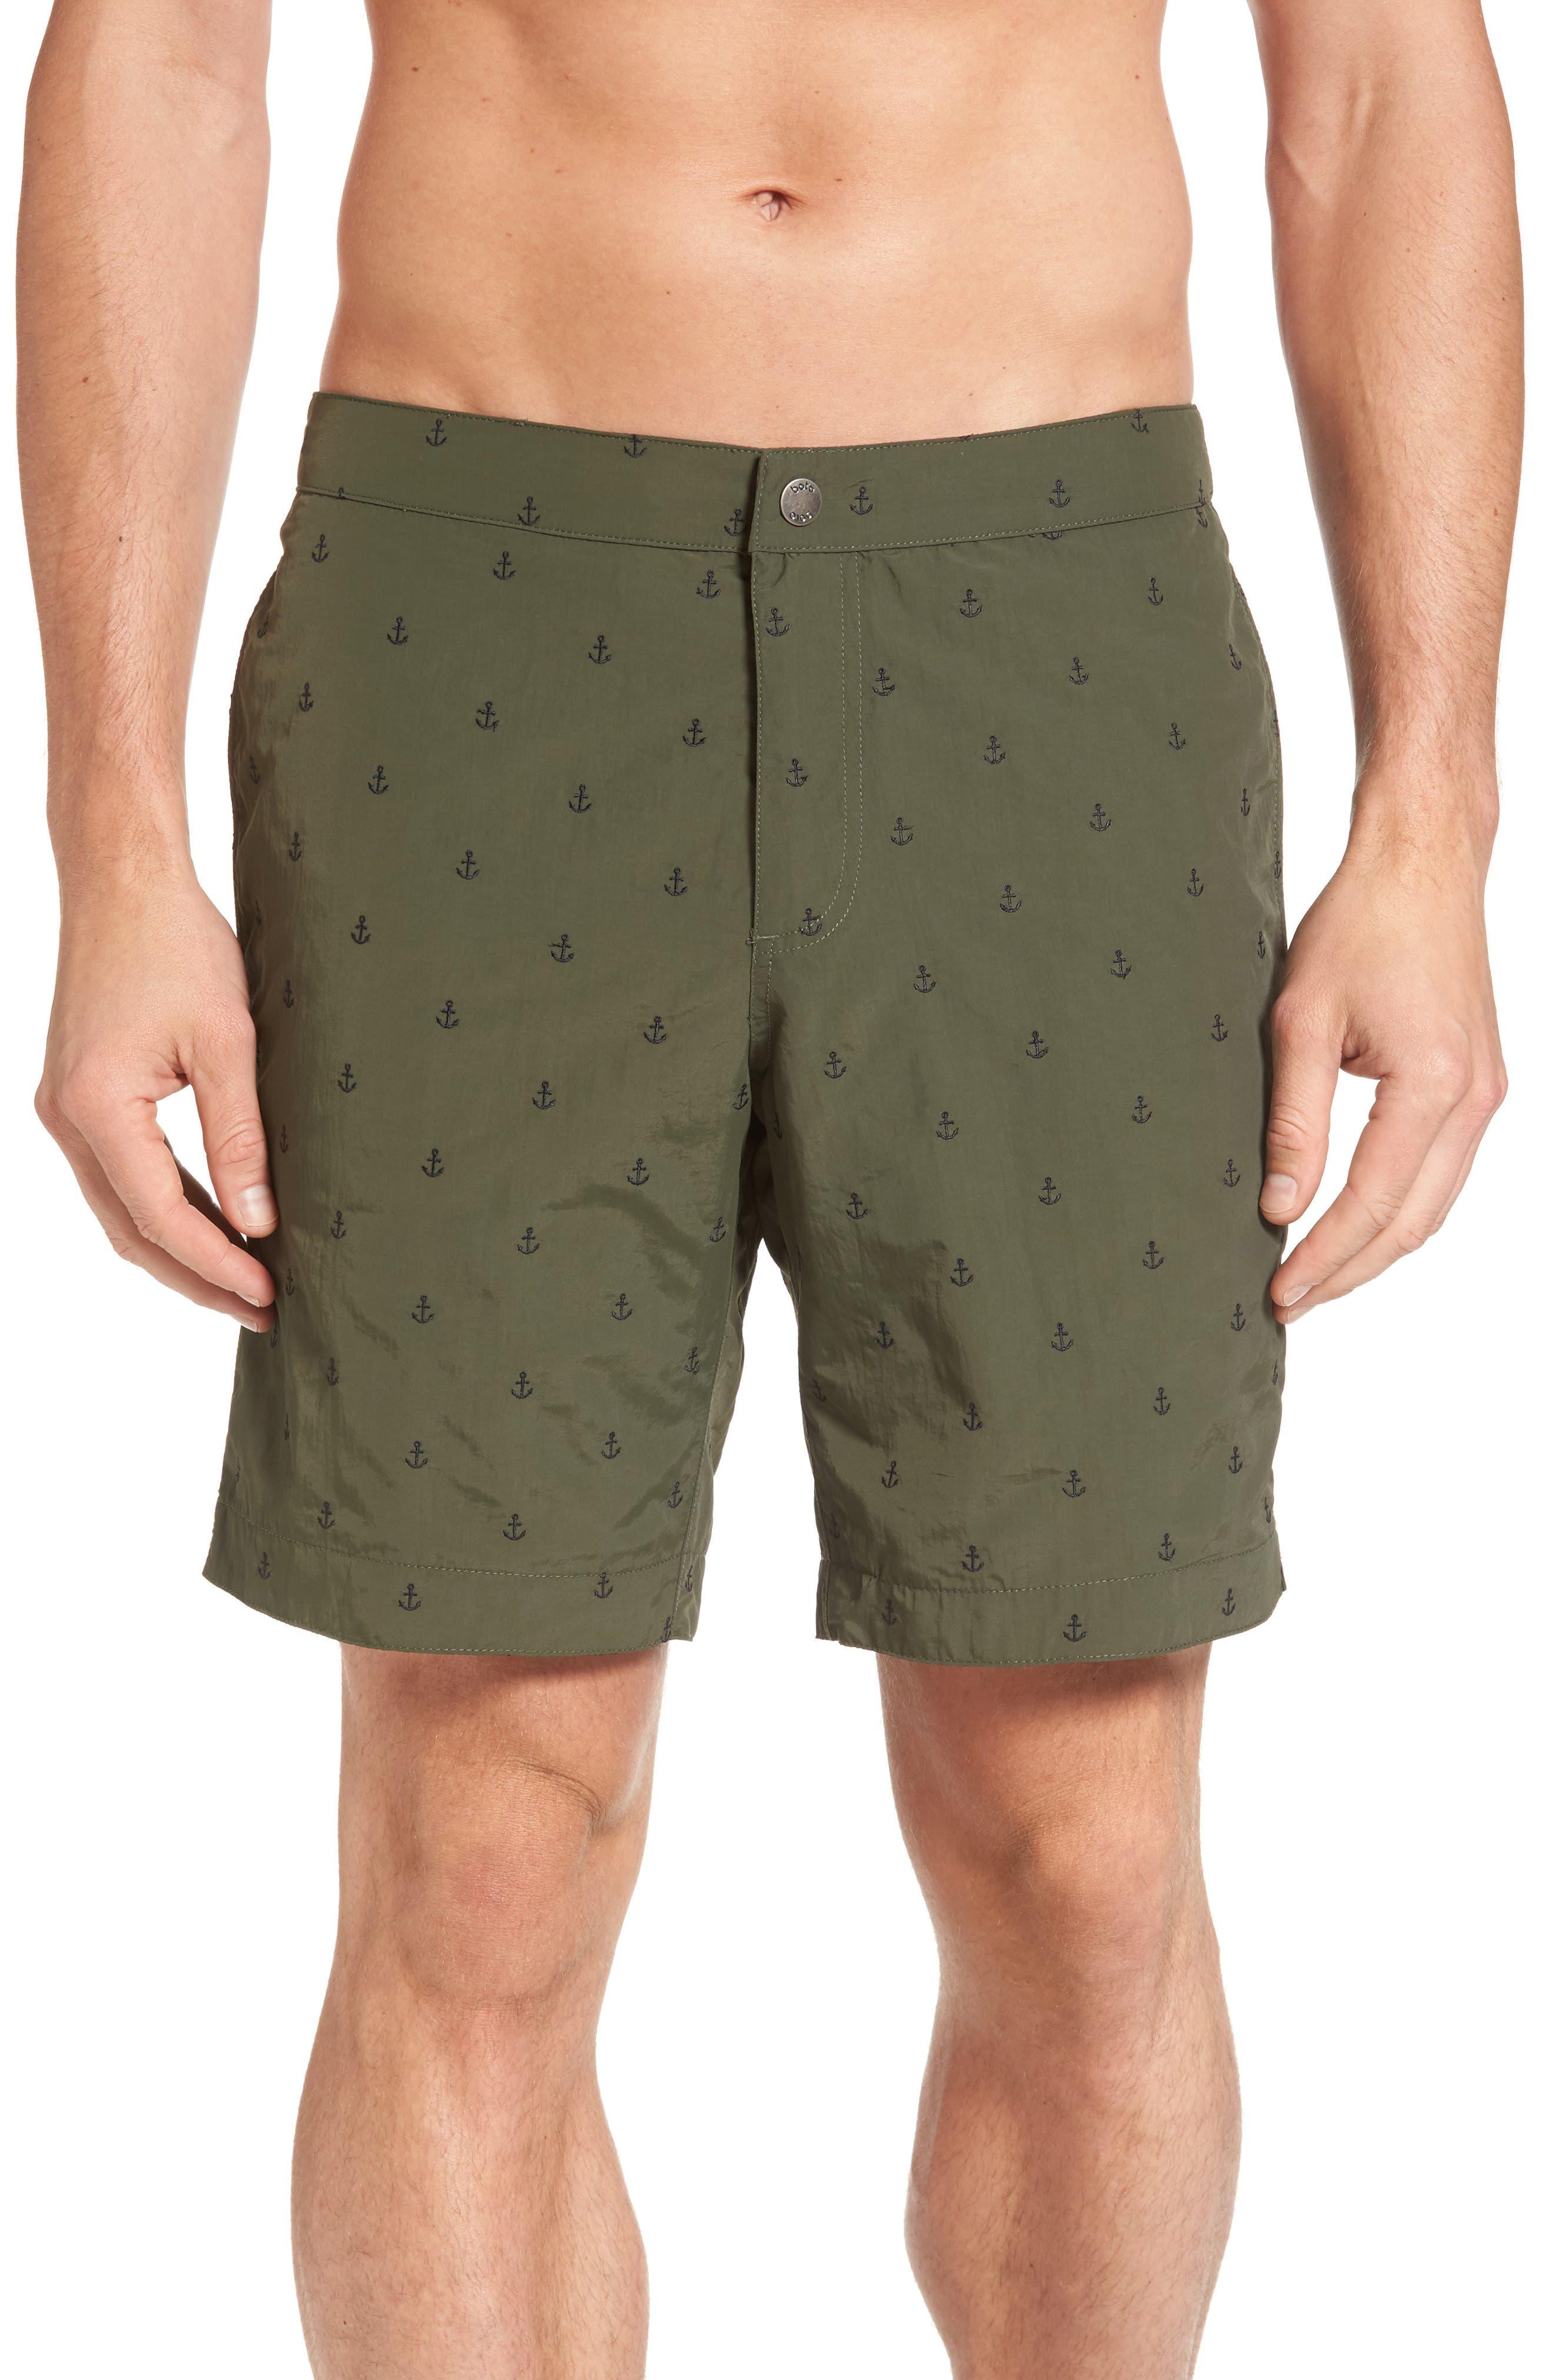 boto Aruba Board Shorts